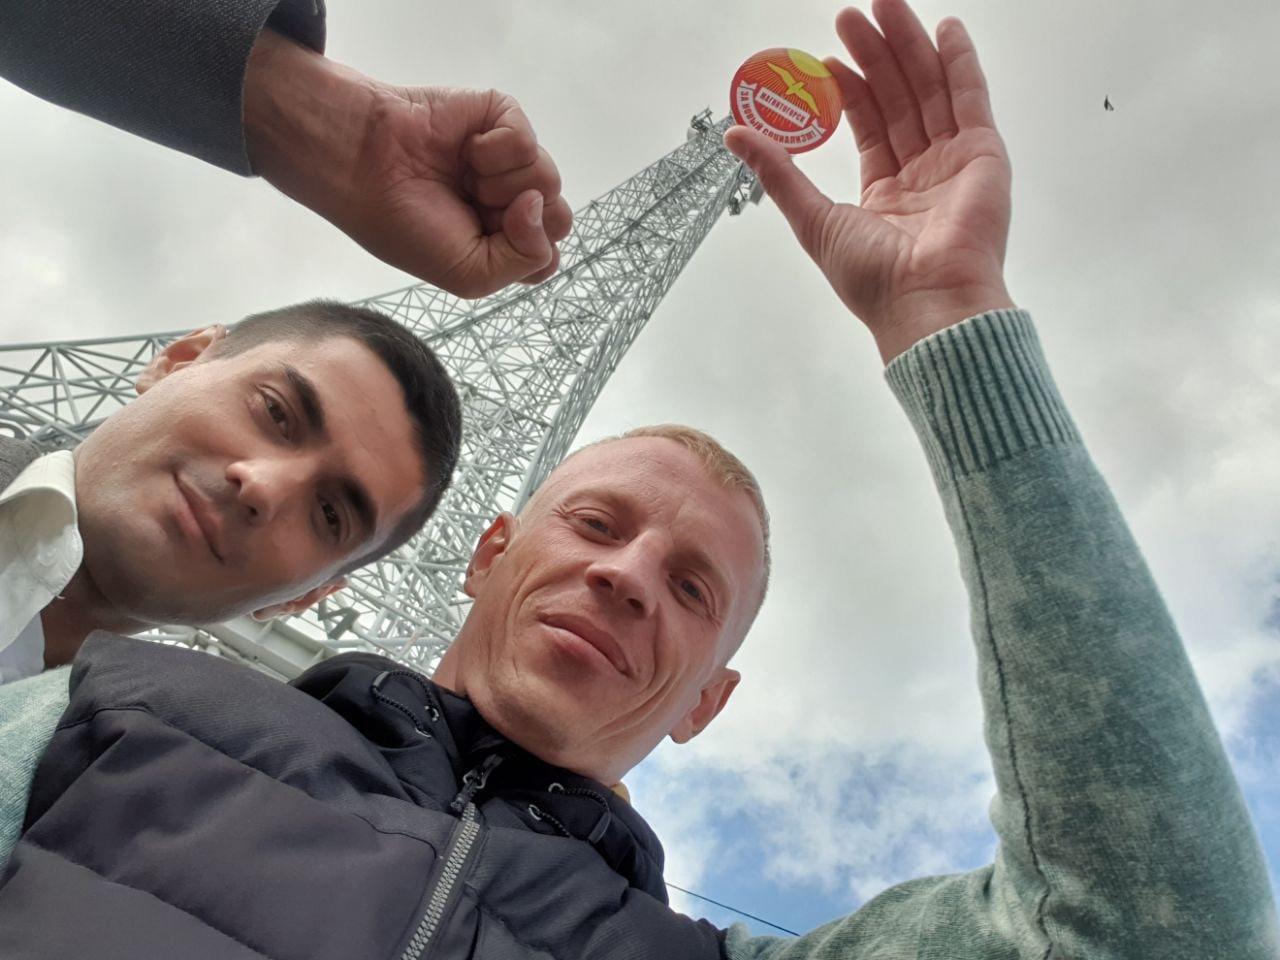 Красный Автопробег: За Новую Парижскую Коммуну!